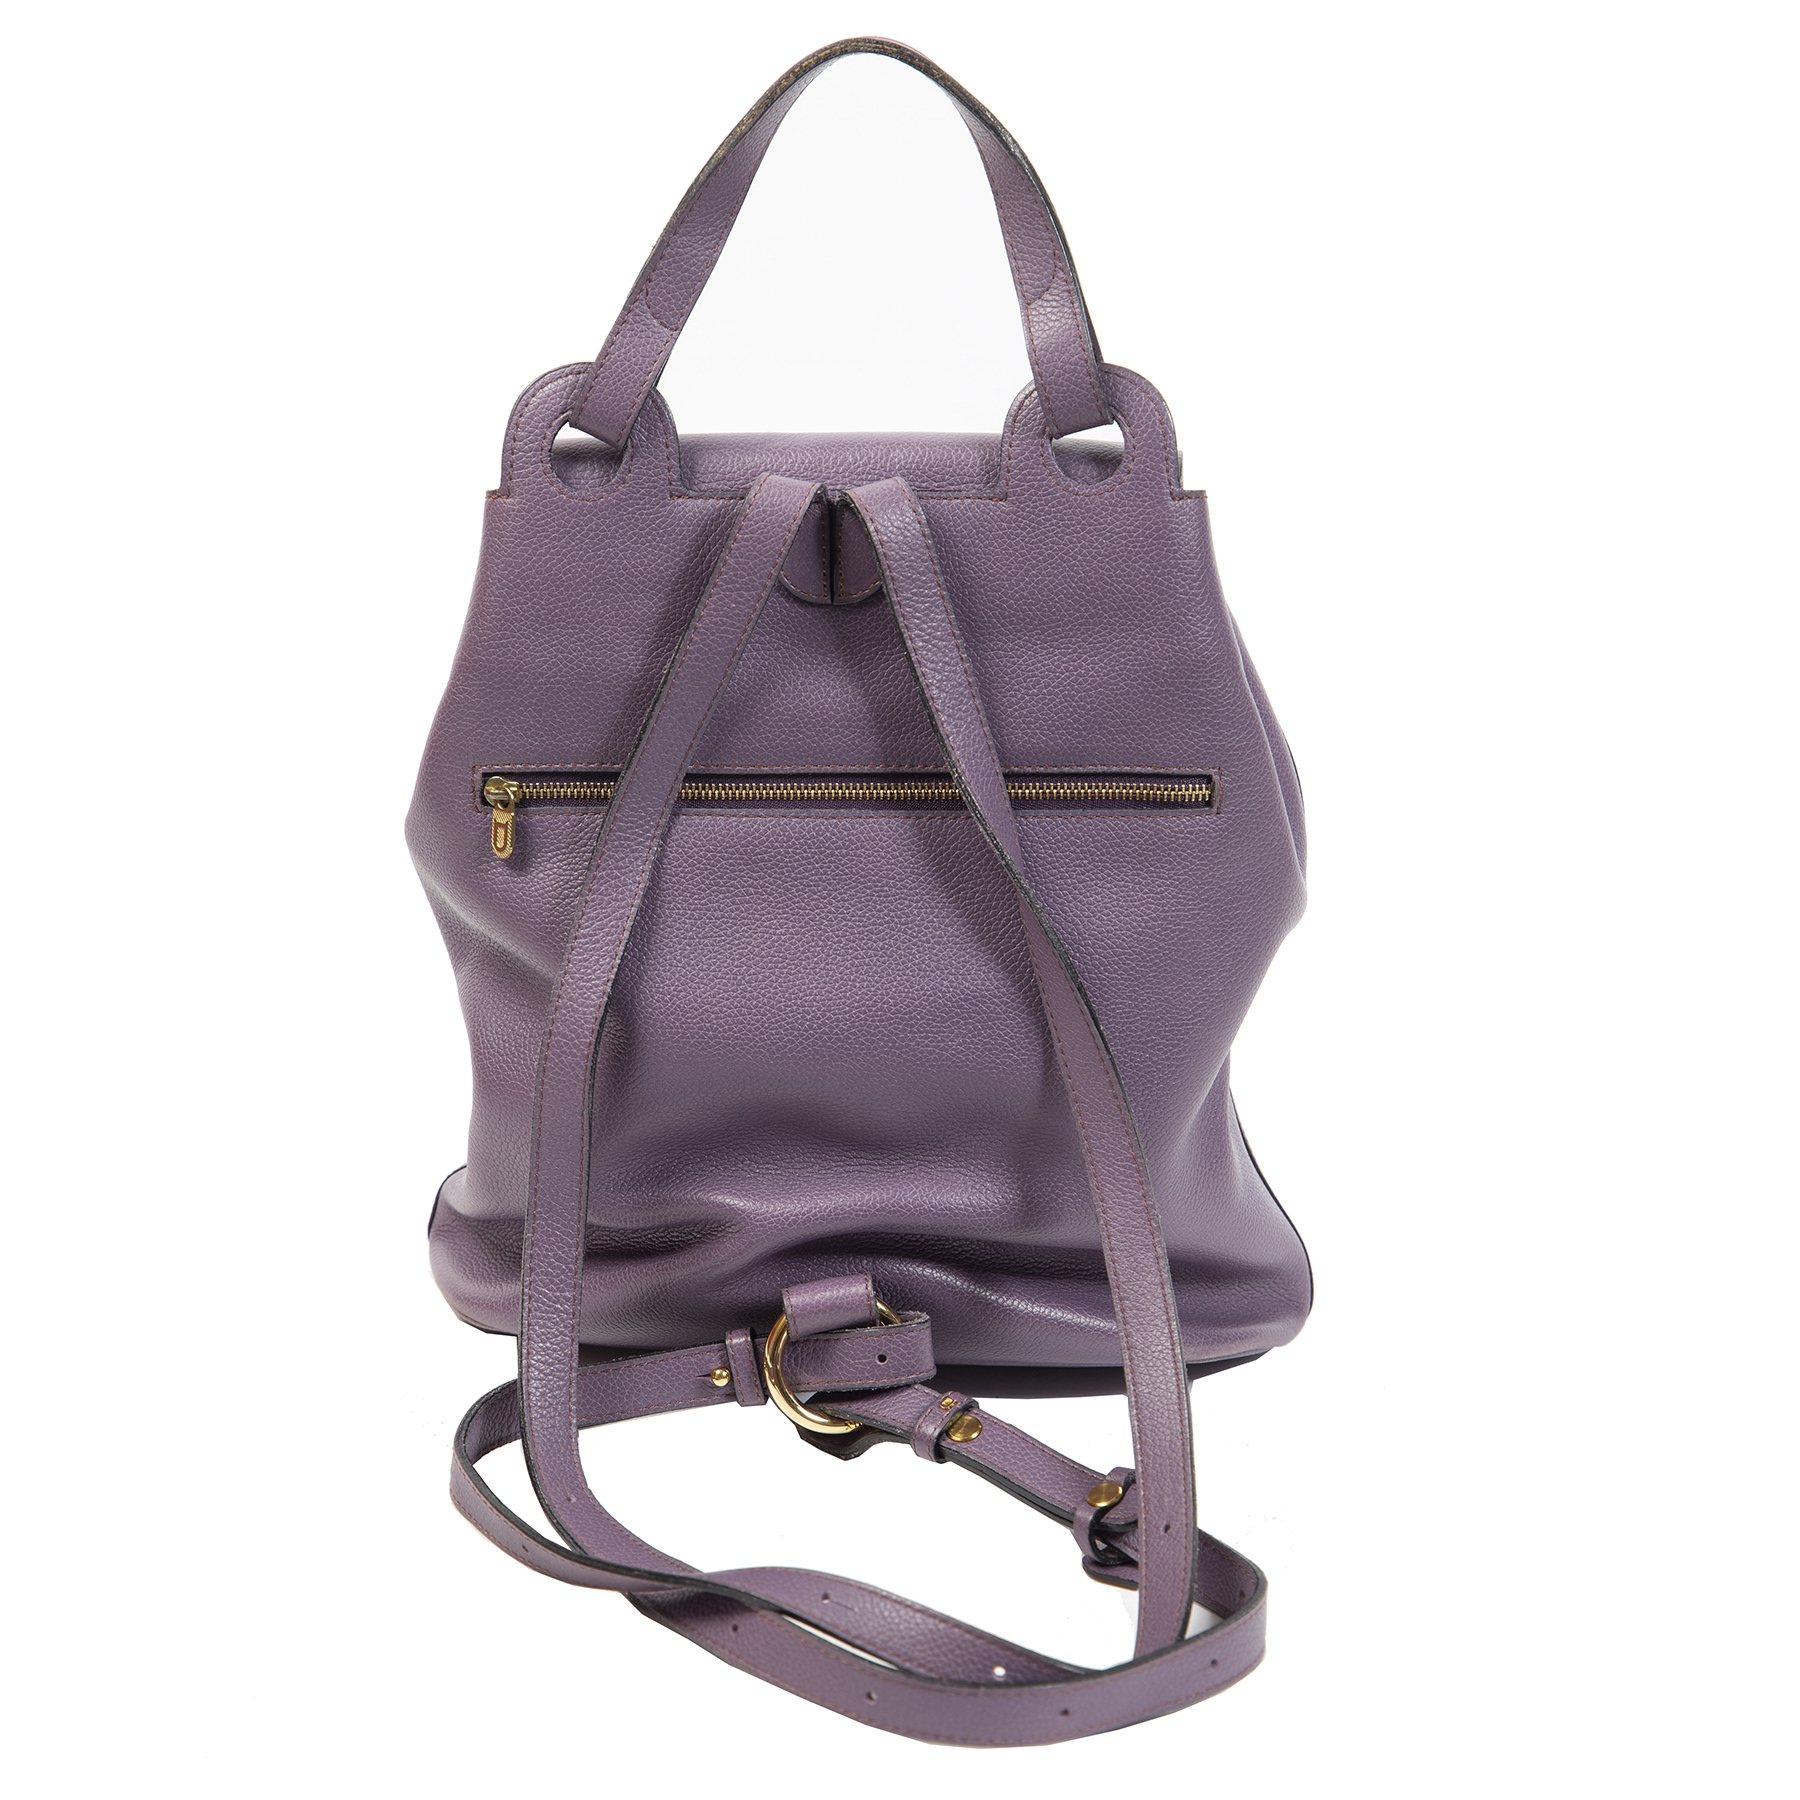 Authentieke Tweedehands Delvaux Lila Leather Soleil GM Backpack juiste prijs veilig online shoppen luxe merken webshop winkelen Antwerpen België mode fashion